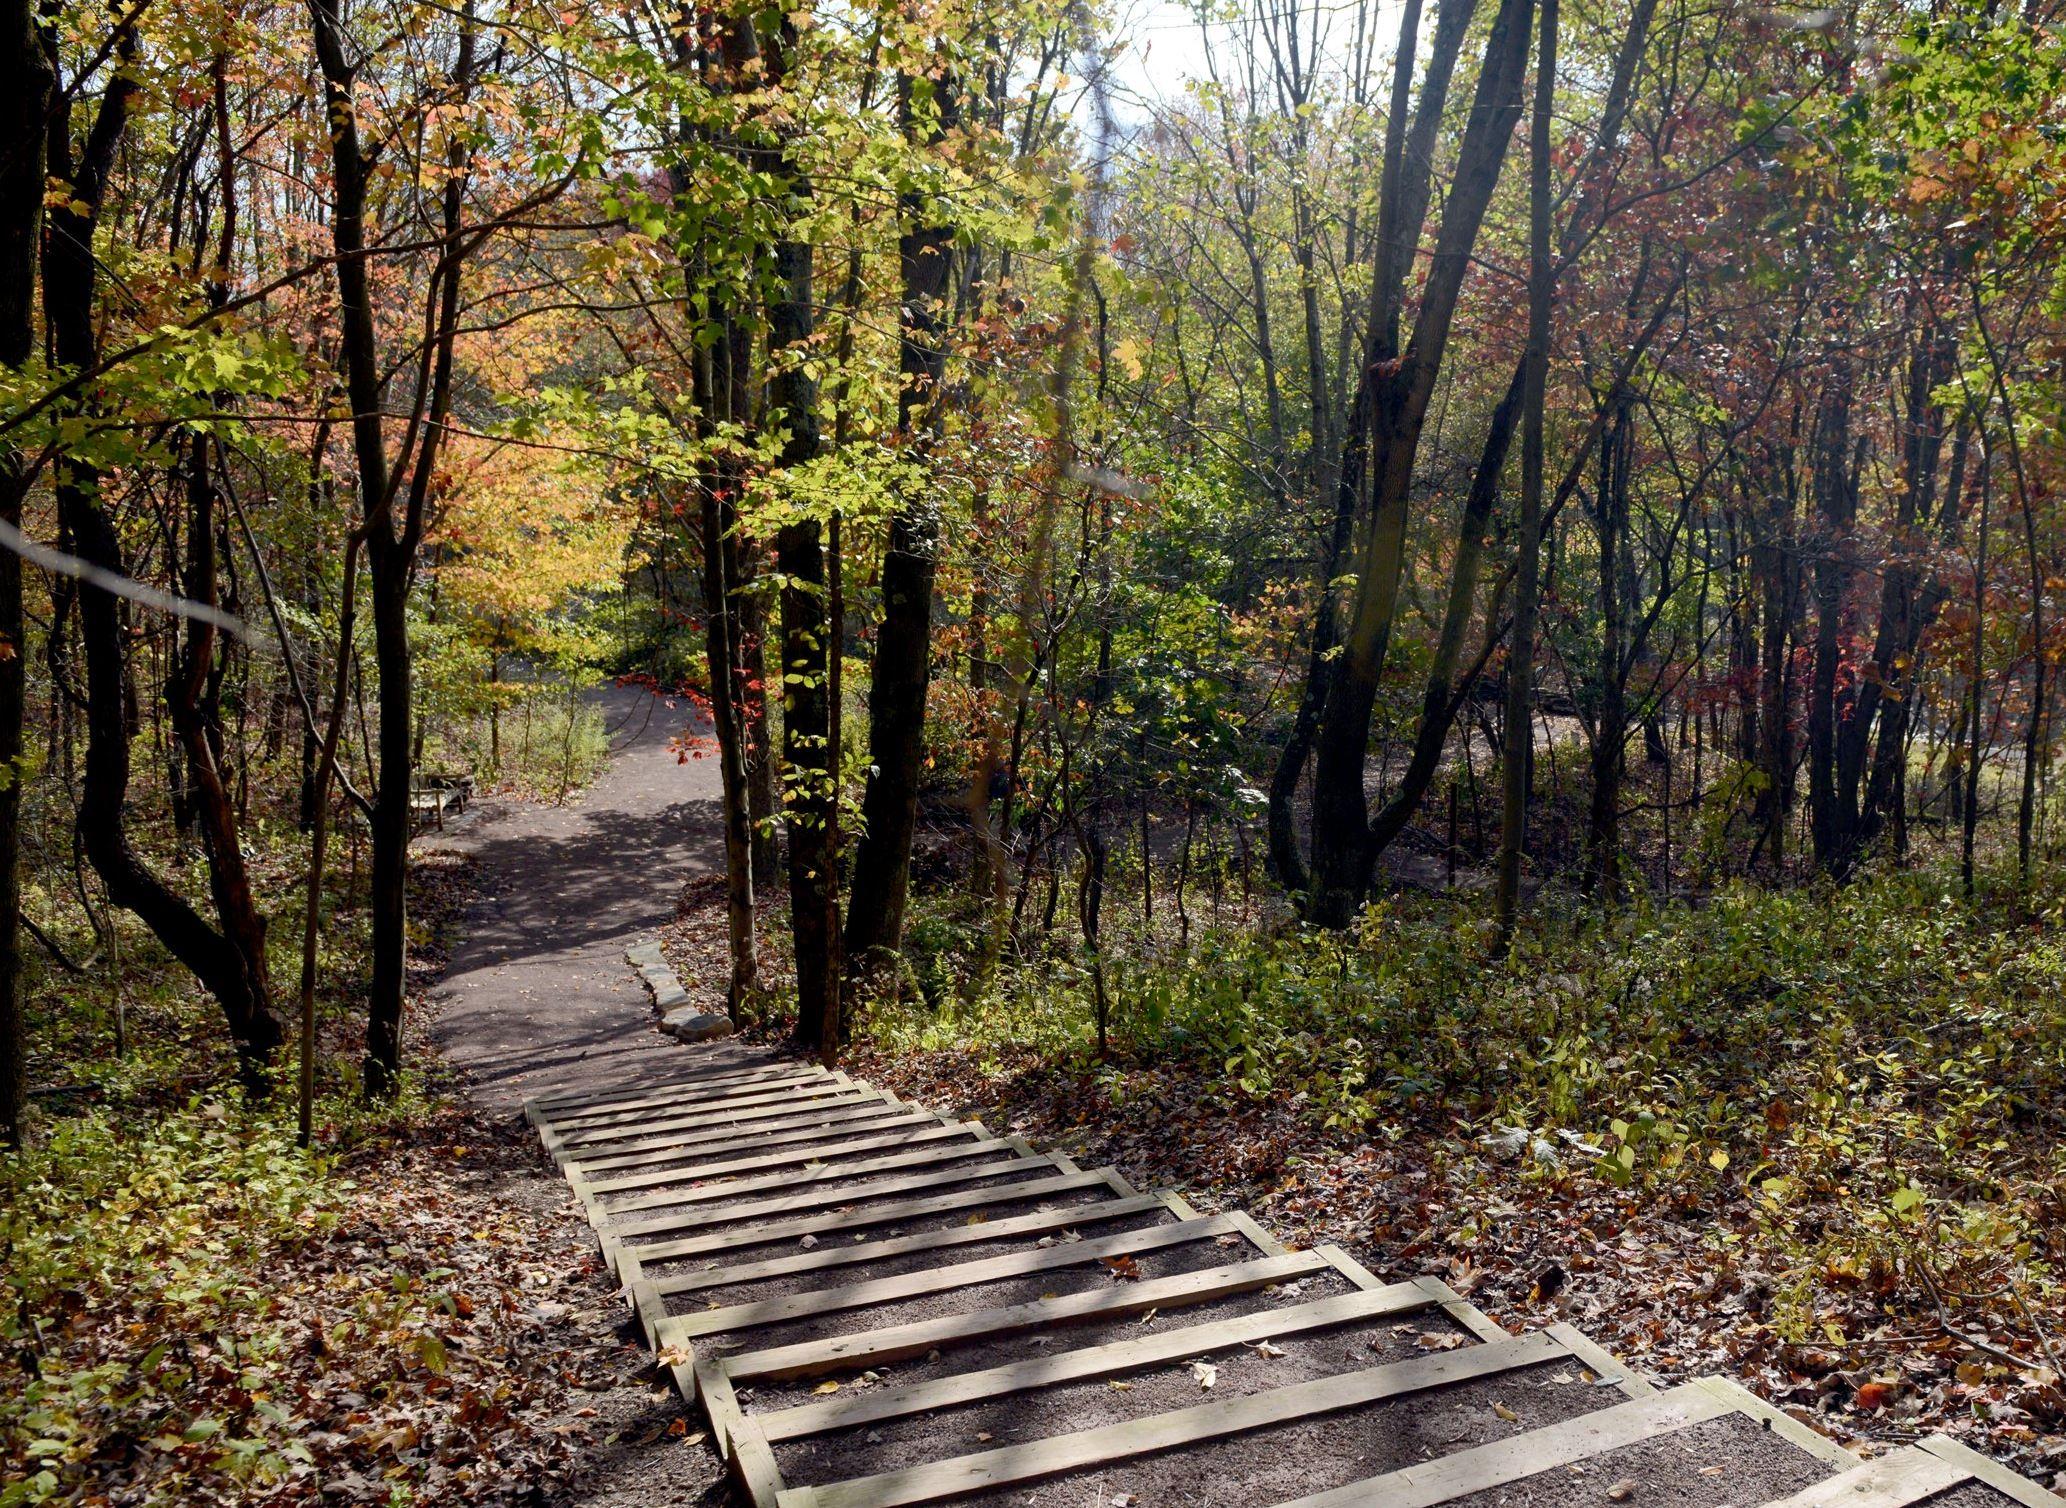 Pittsburgh Botanic Garden In Settler 39 S Cabin Park Opens For Previews Pittsburgh Post Gazette